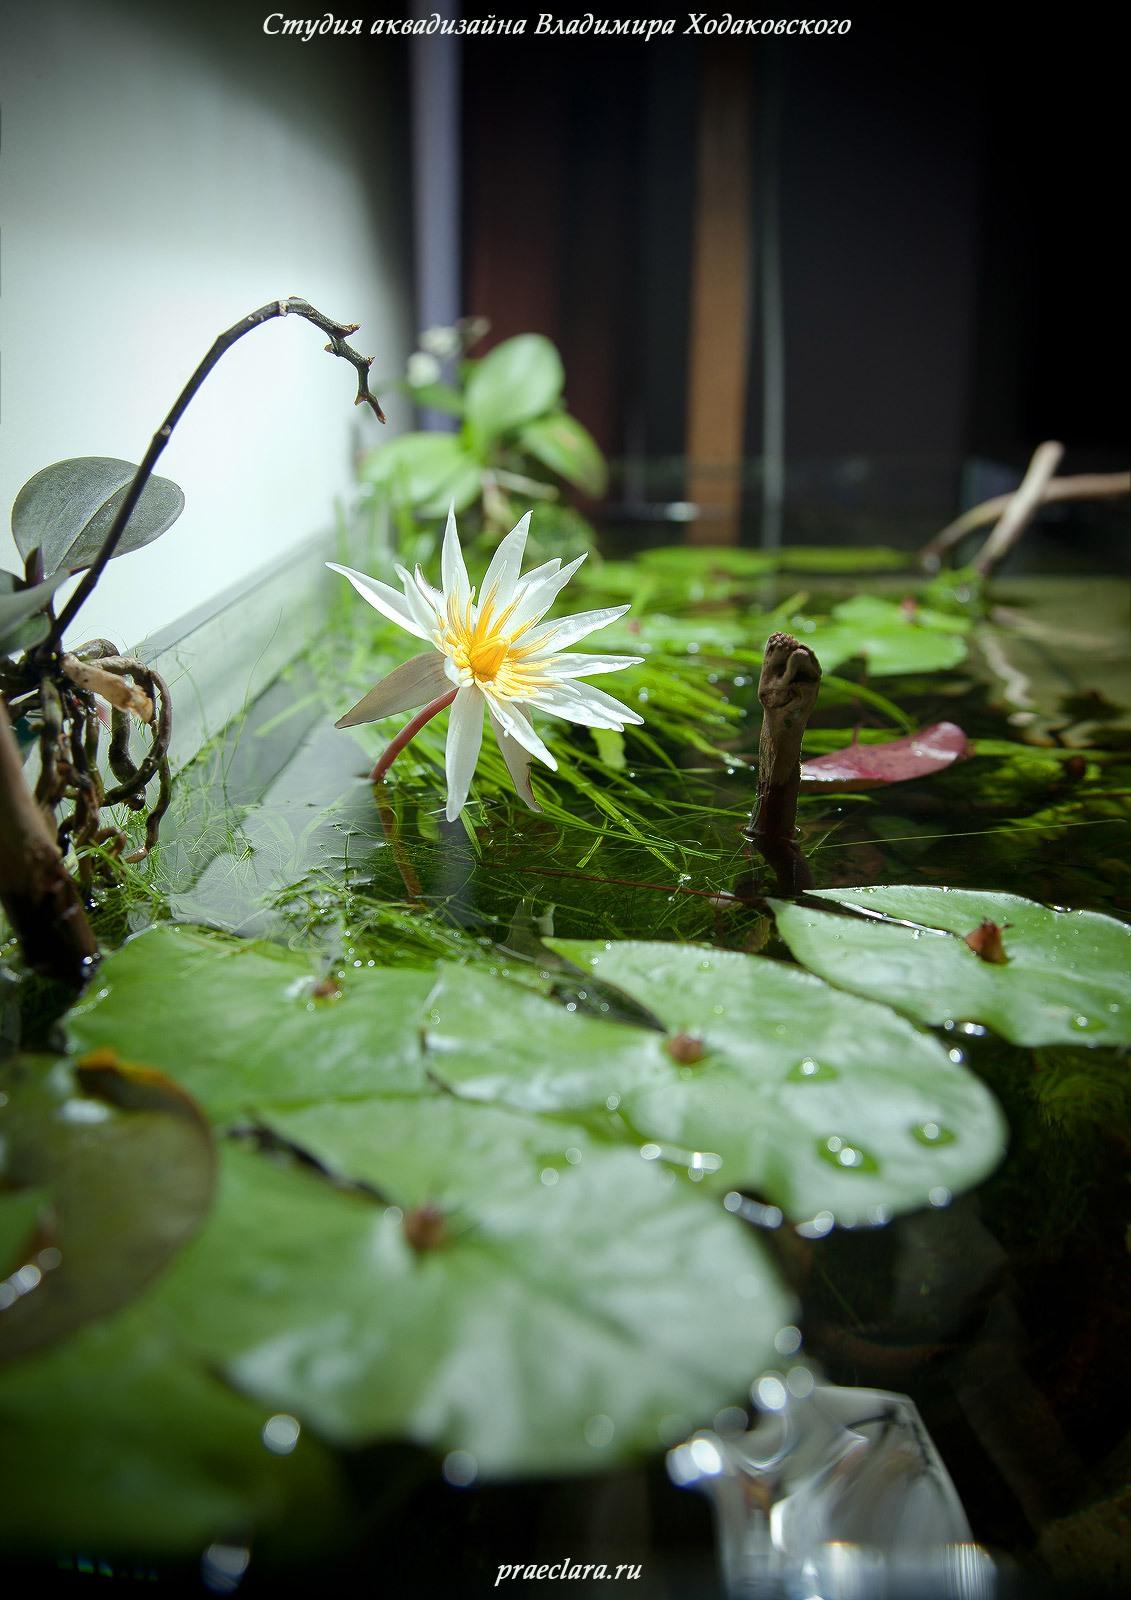 Нимфея микранта (Nymphaea micrantha), цветок